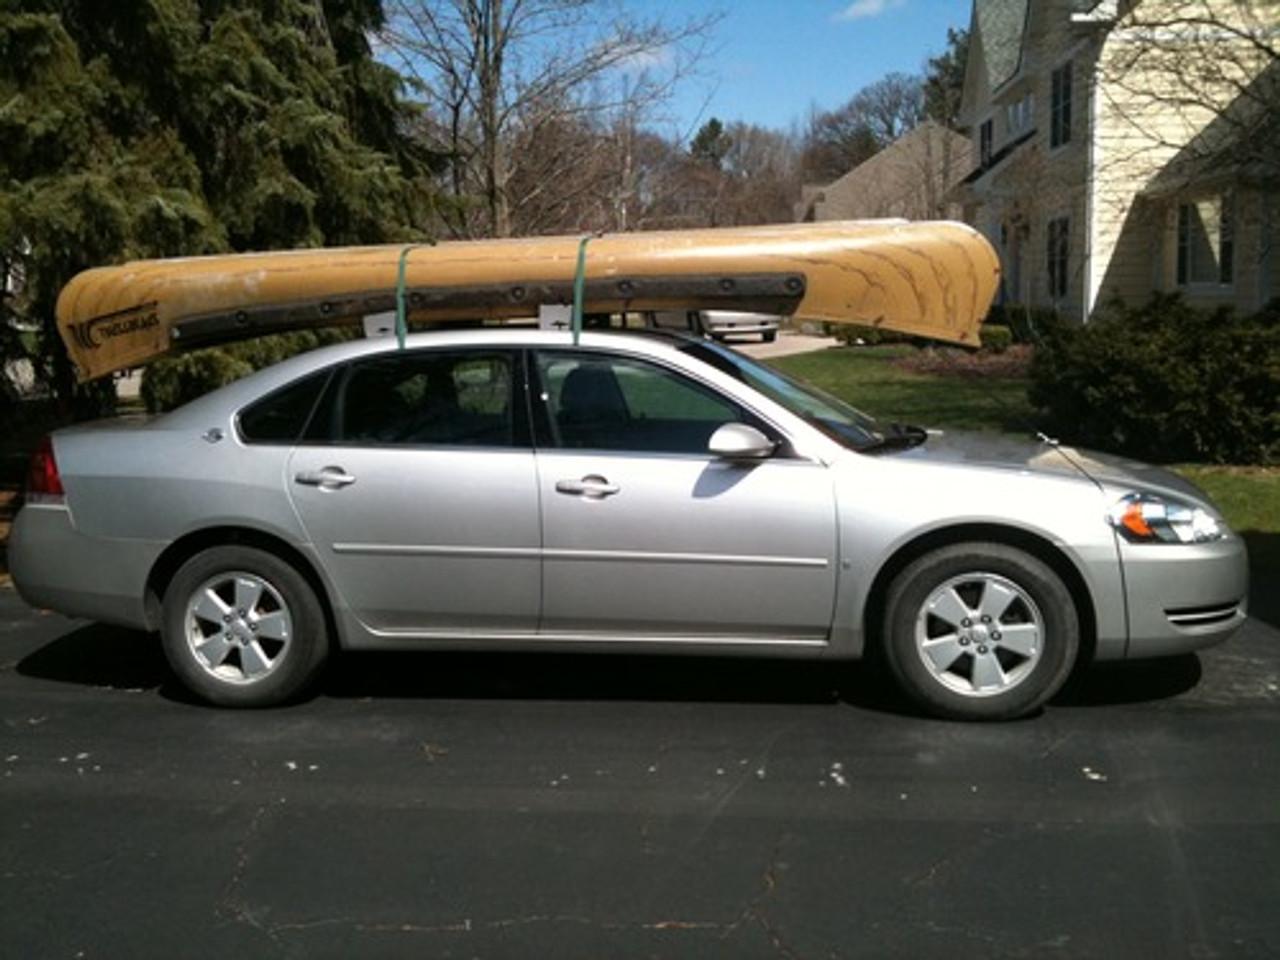 Soft Canoe Rack Universal Canoe Carrier Storeyourboard Com